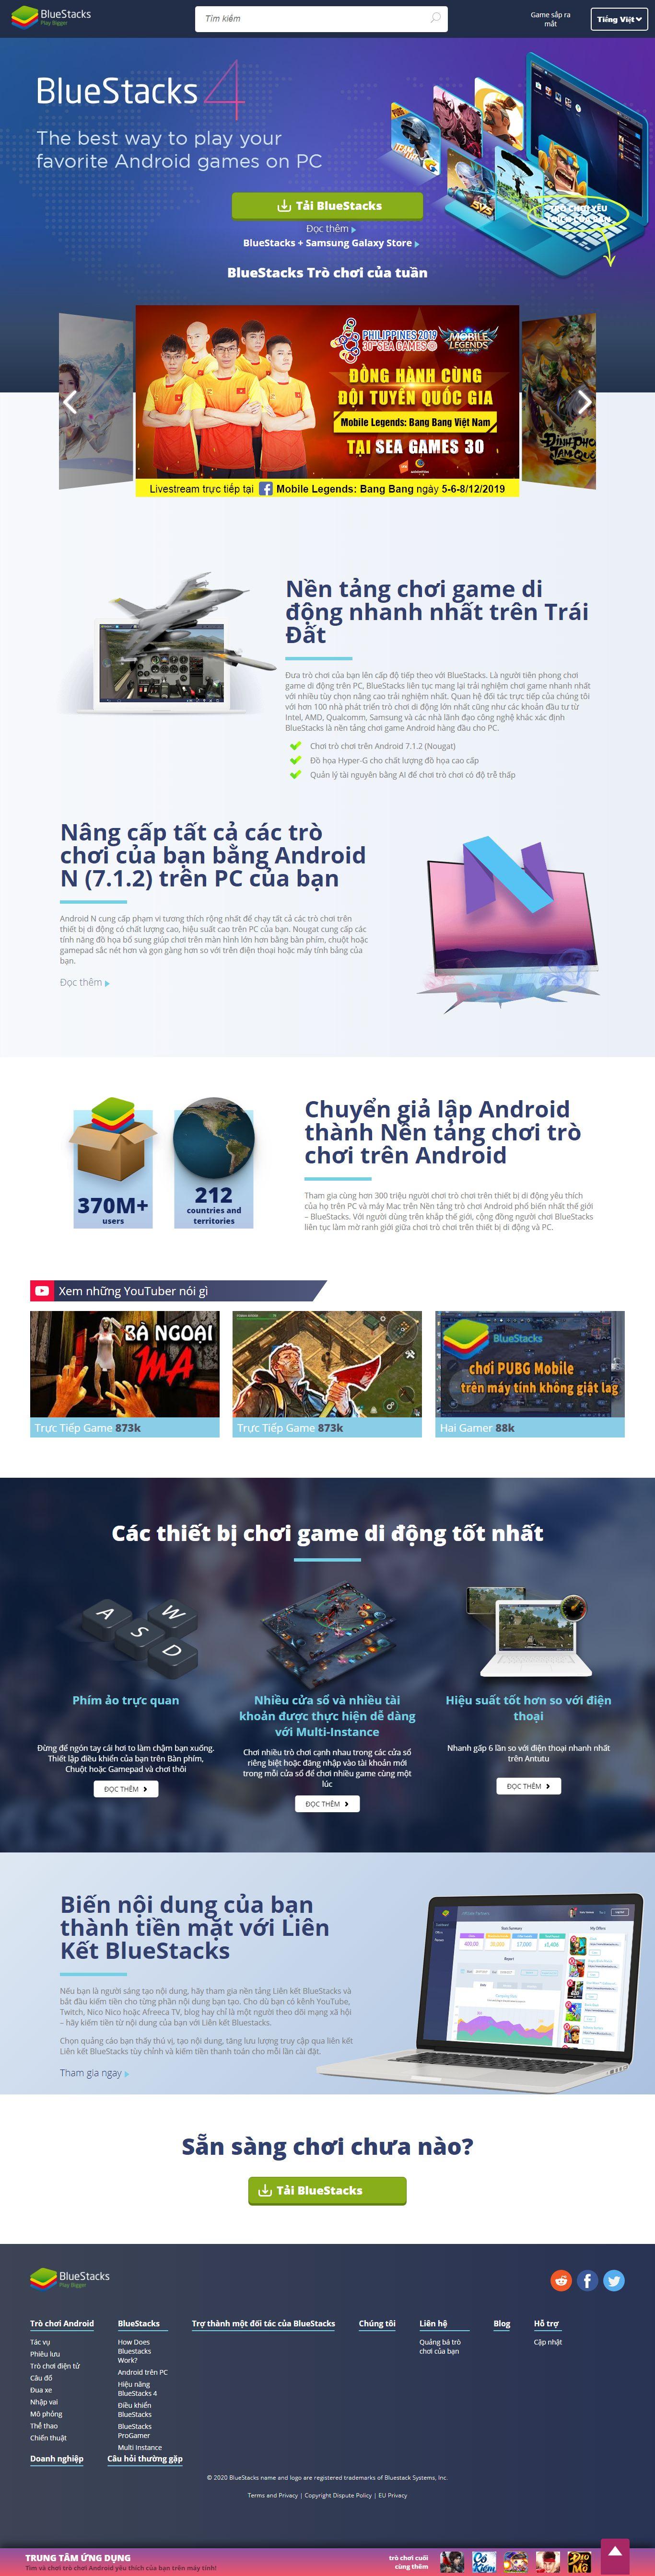 Thiết kế Web giới thiệu game, trò chơi điện tử - www.bluestacks.com